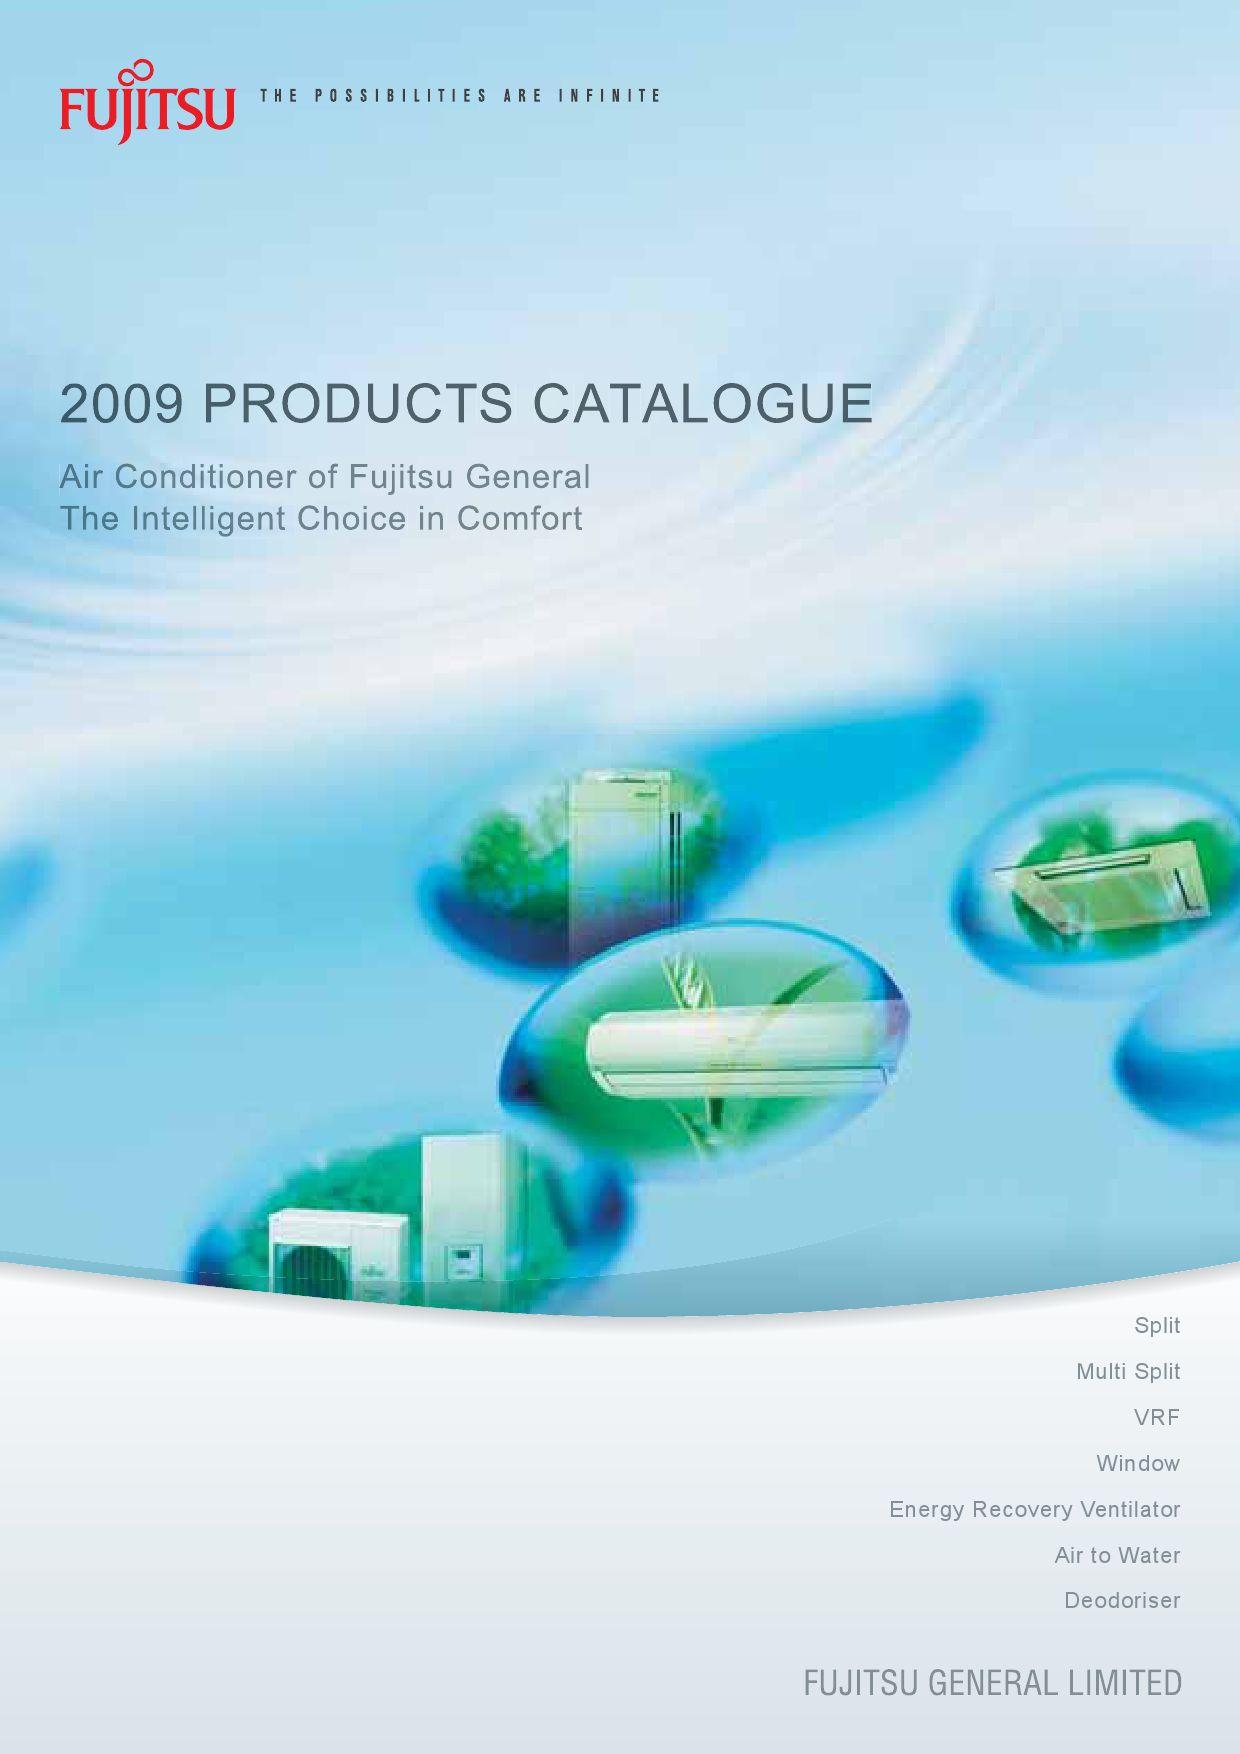 Fujitsu Katalógus 2009 by David Balint - issuu